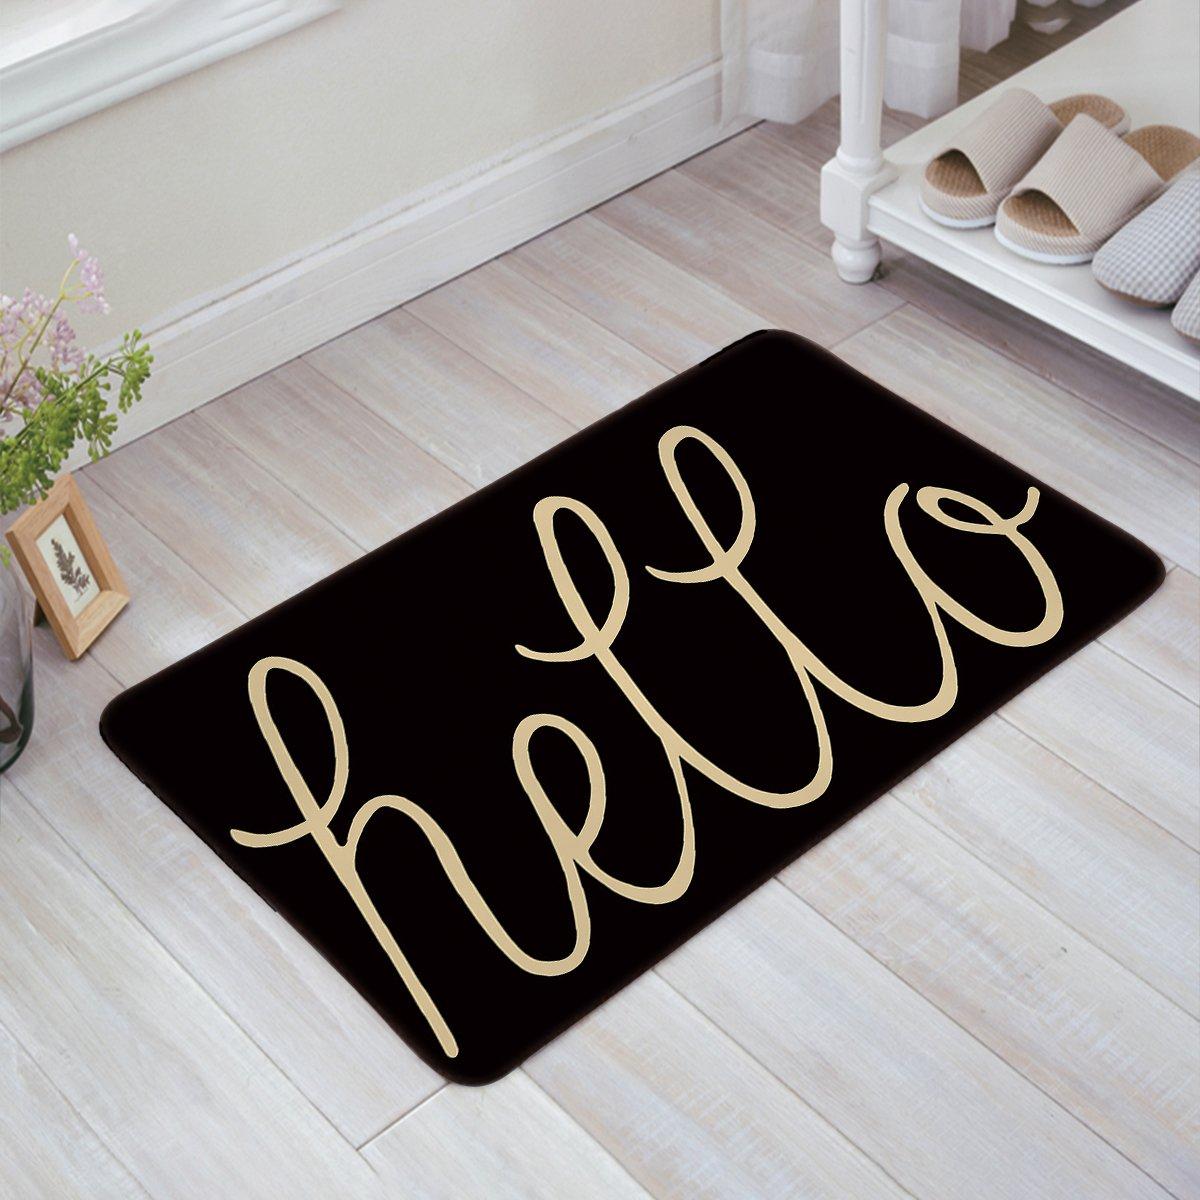 You are My Sunshine Shoe Scrapper Indoor Outdoor Non Infinidesign Door Mat Slip Durable Rug for Floor 20 x 32